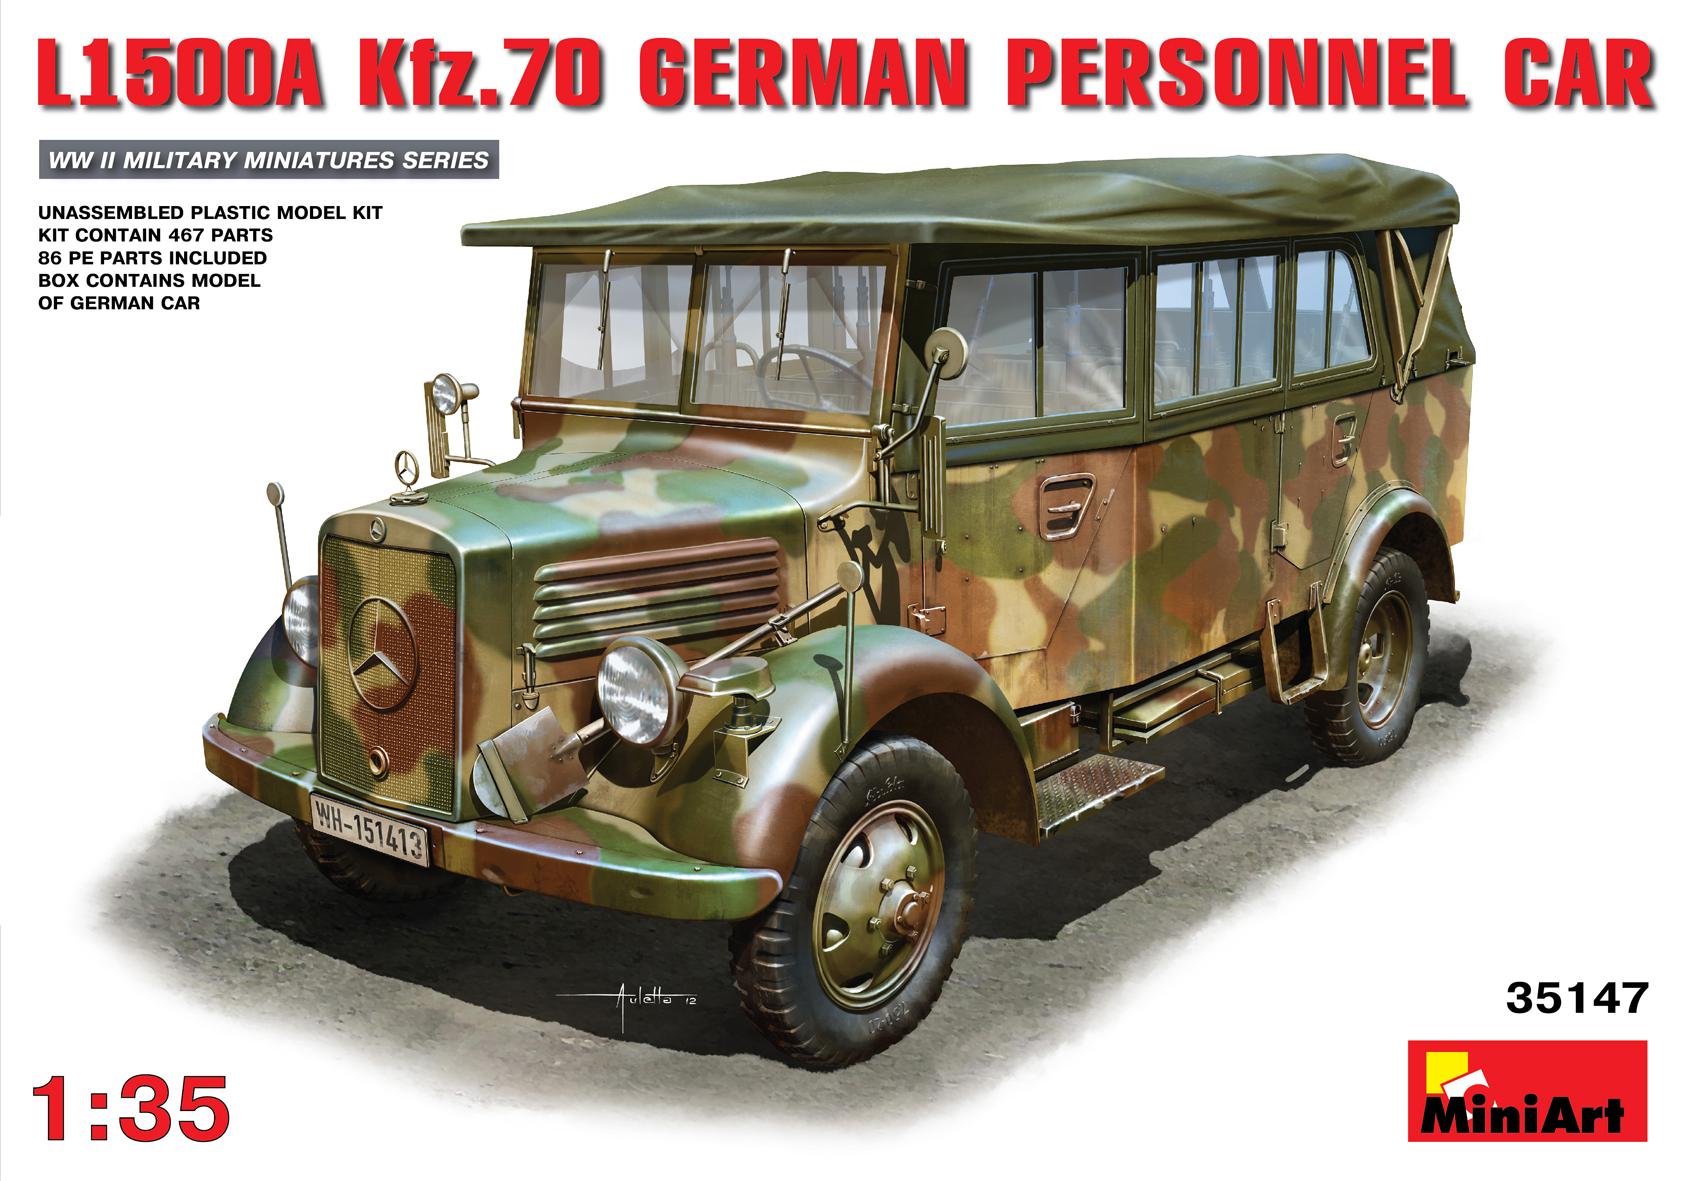 35147 L1500A (Kfz.70) DEUTSCHE PERSONALAUTO